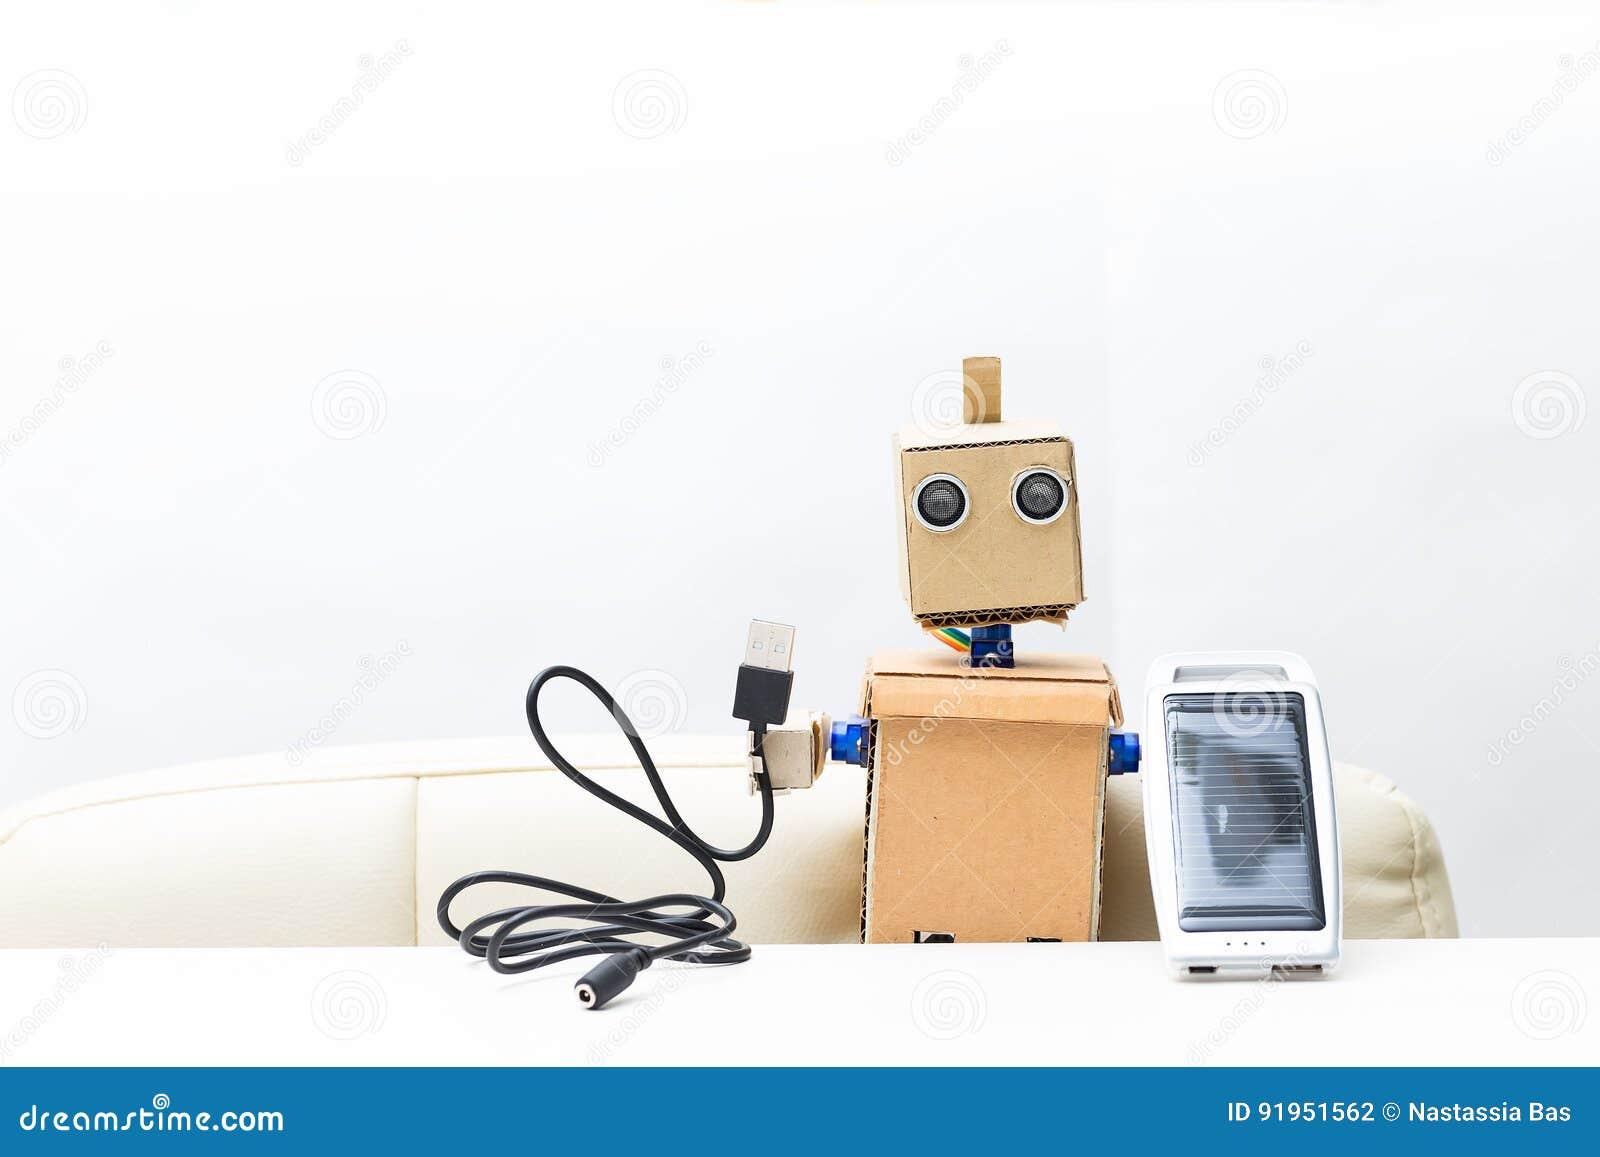 Робот держит в руке солнечную батарею, провод белая предпосылка;